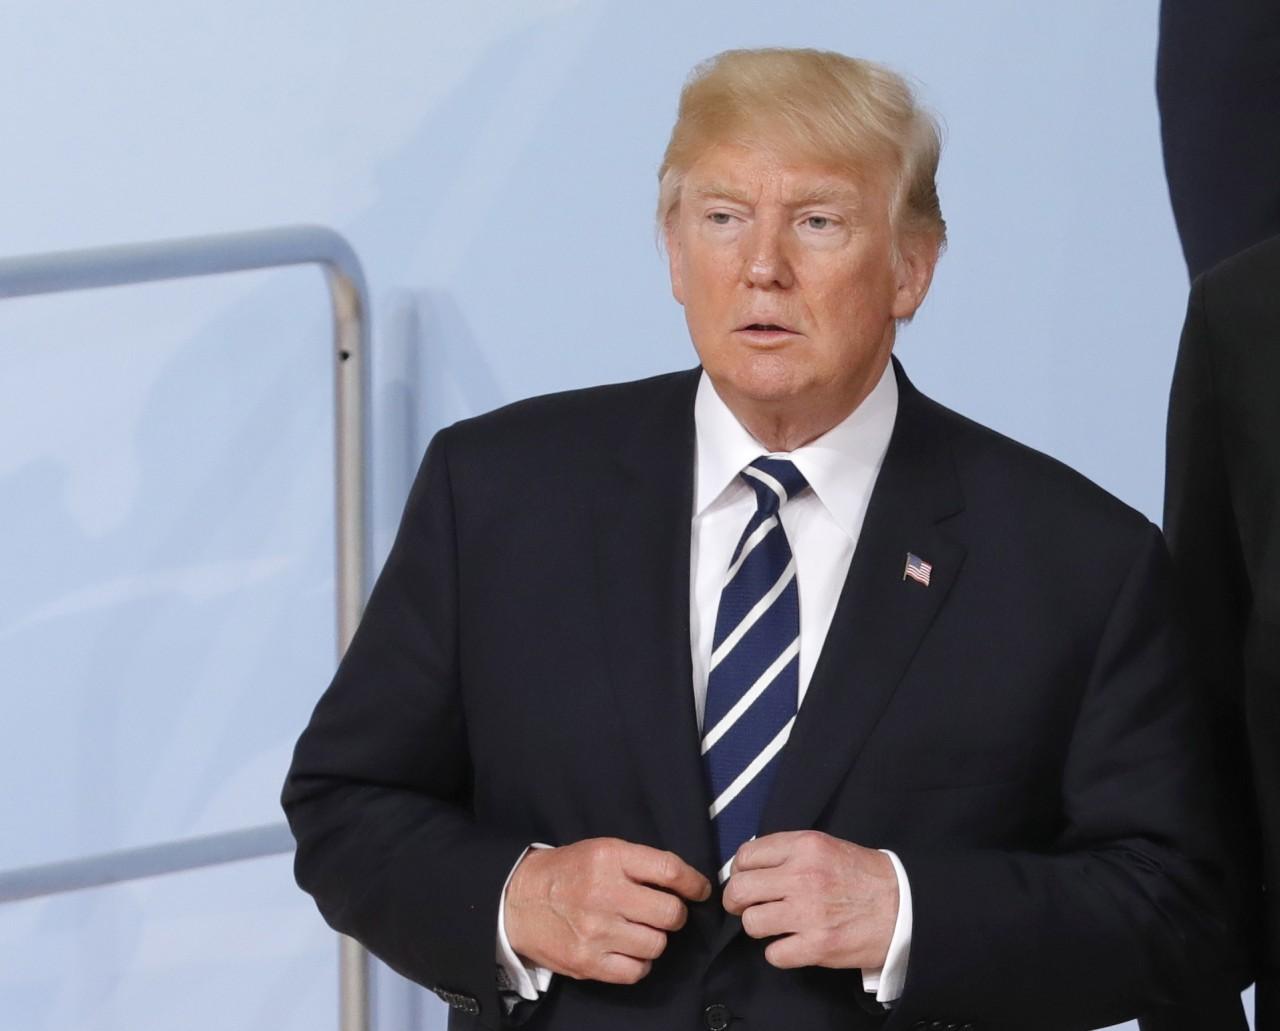 """Трампа заподозрили в """"работе на Россию"""" и препятствовании правосудию. Что это значит?"""